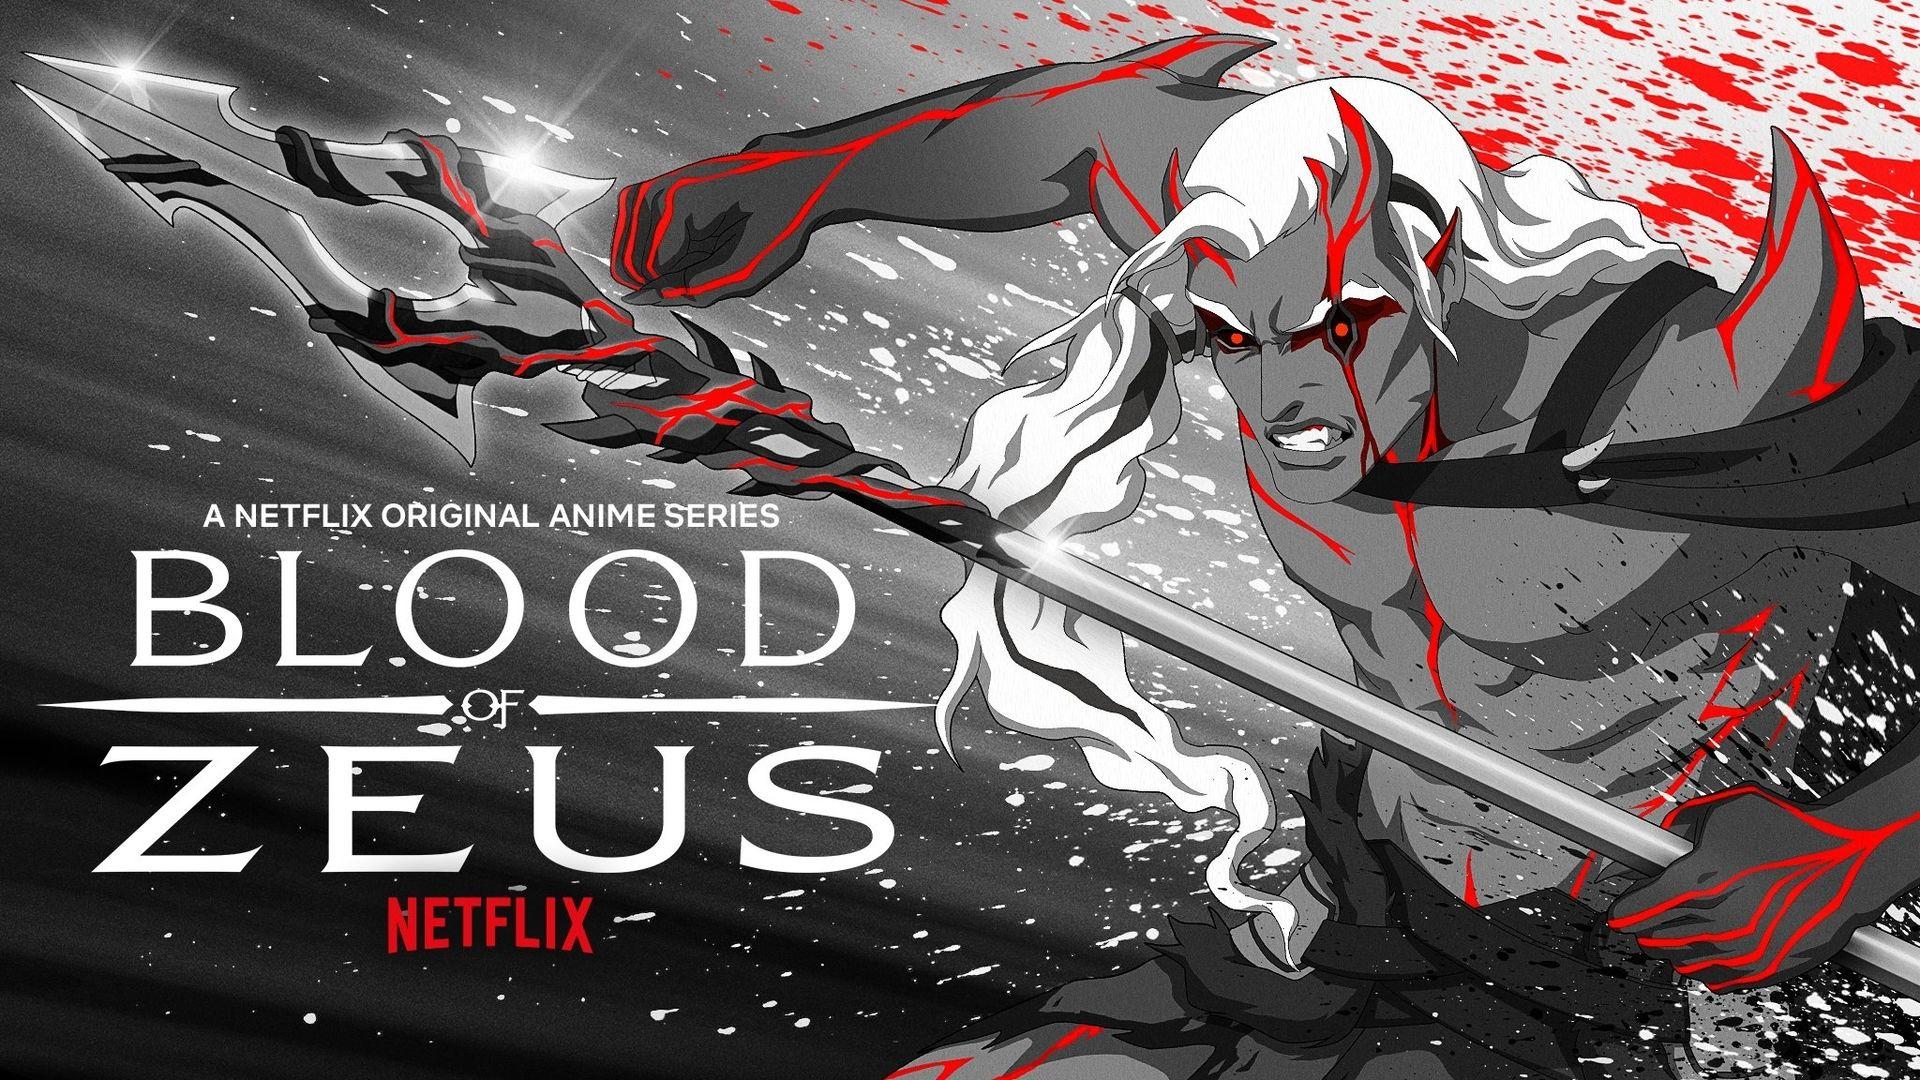 Anime Blood of Zeus